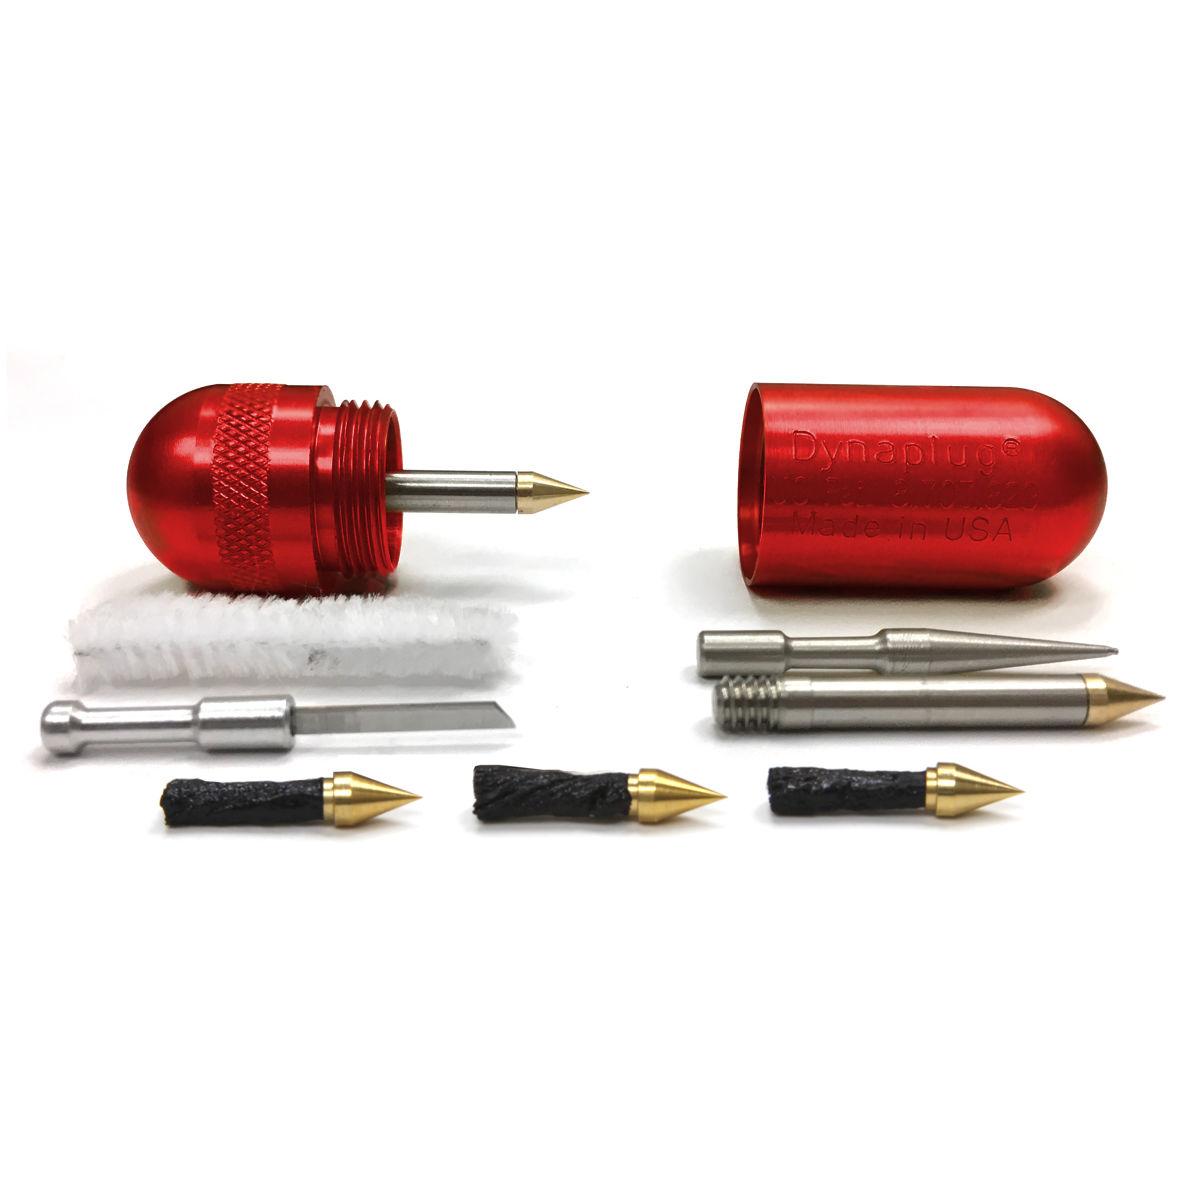 Dynaplug Micro Pro Kit Červená